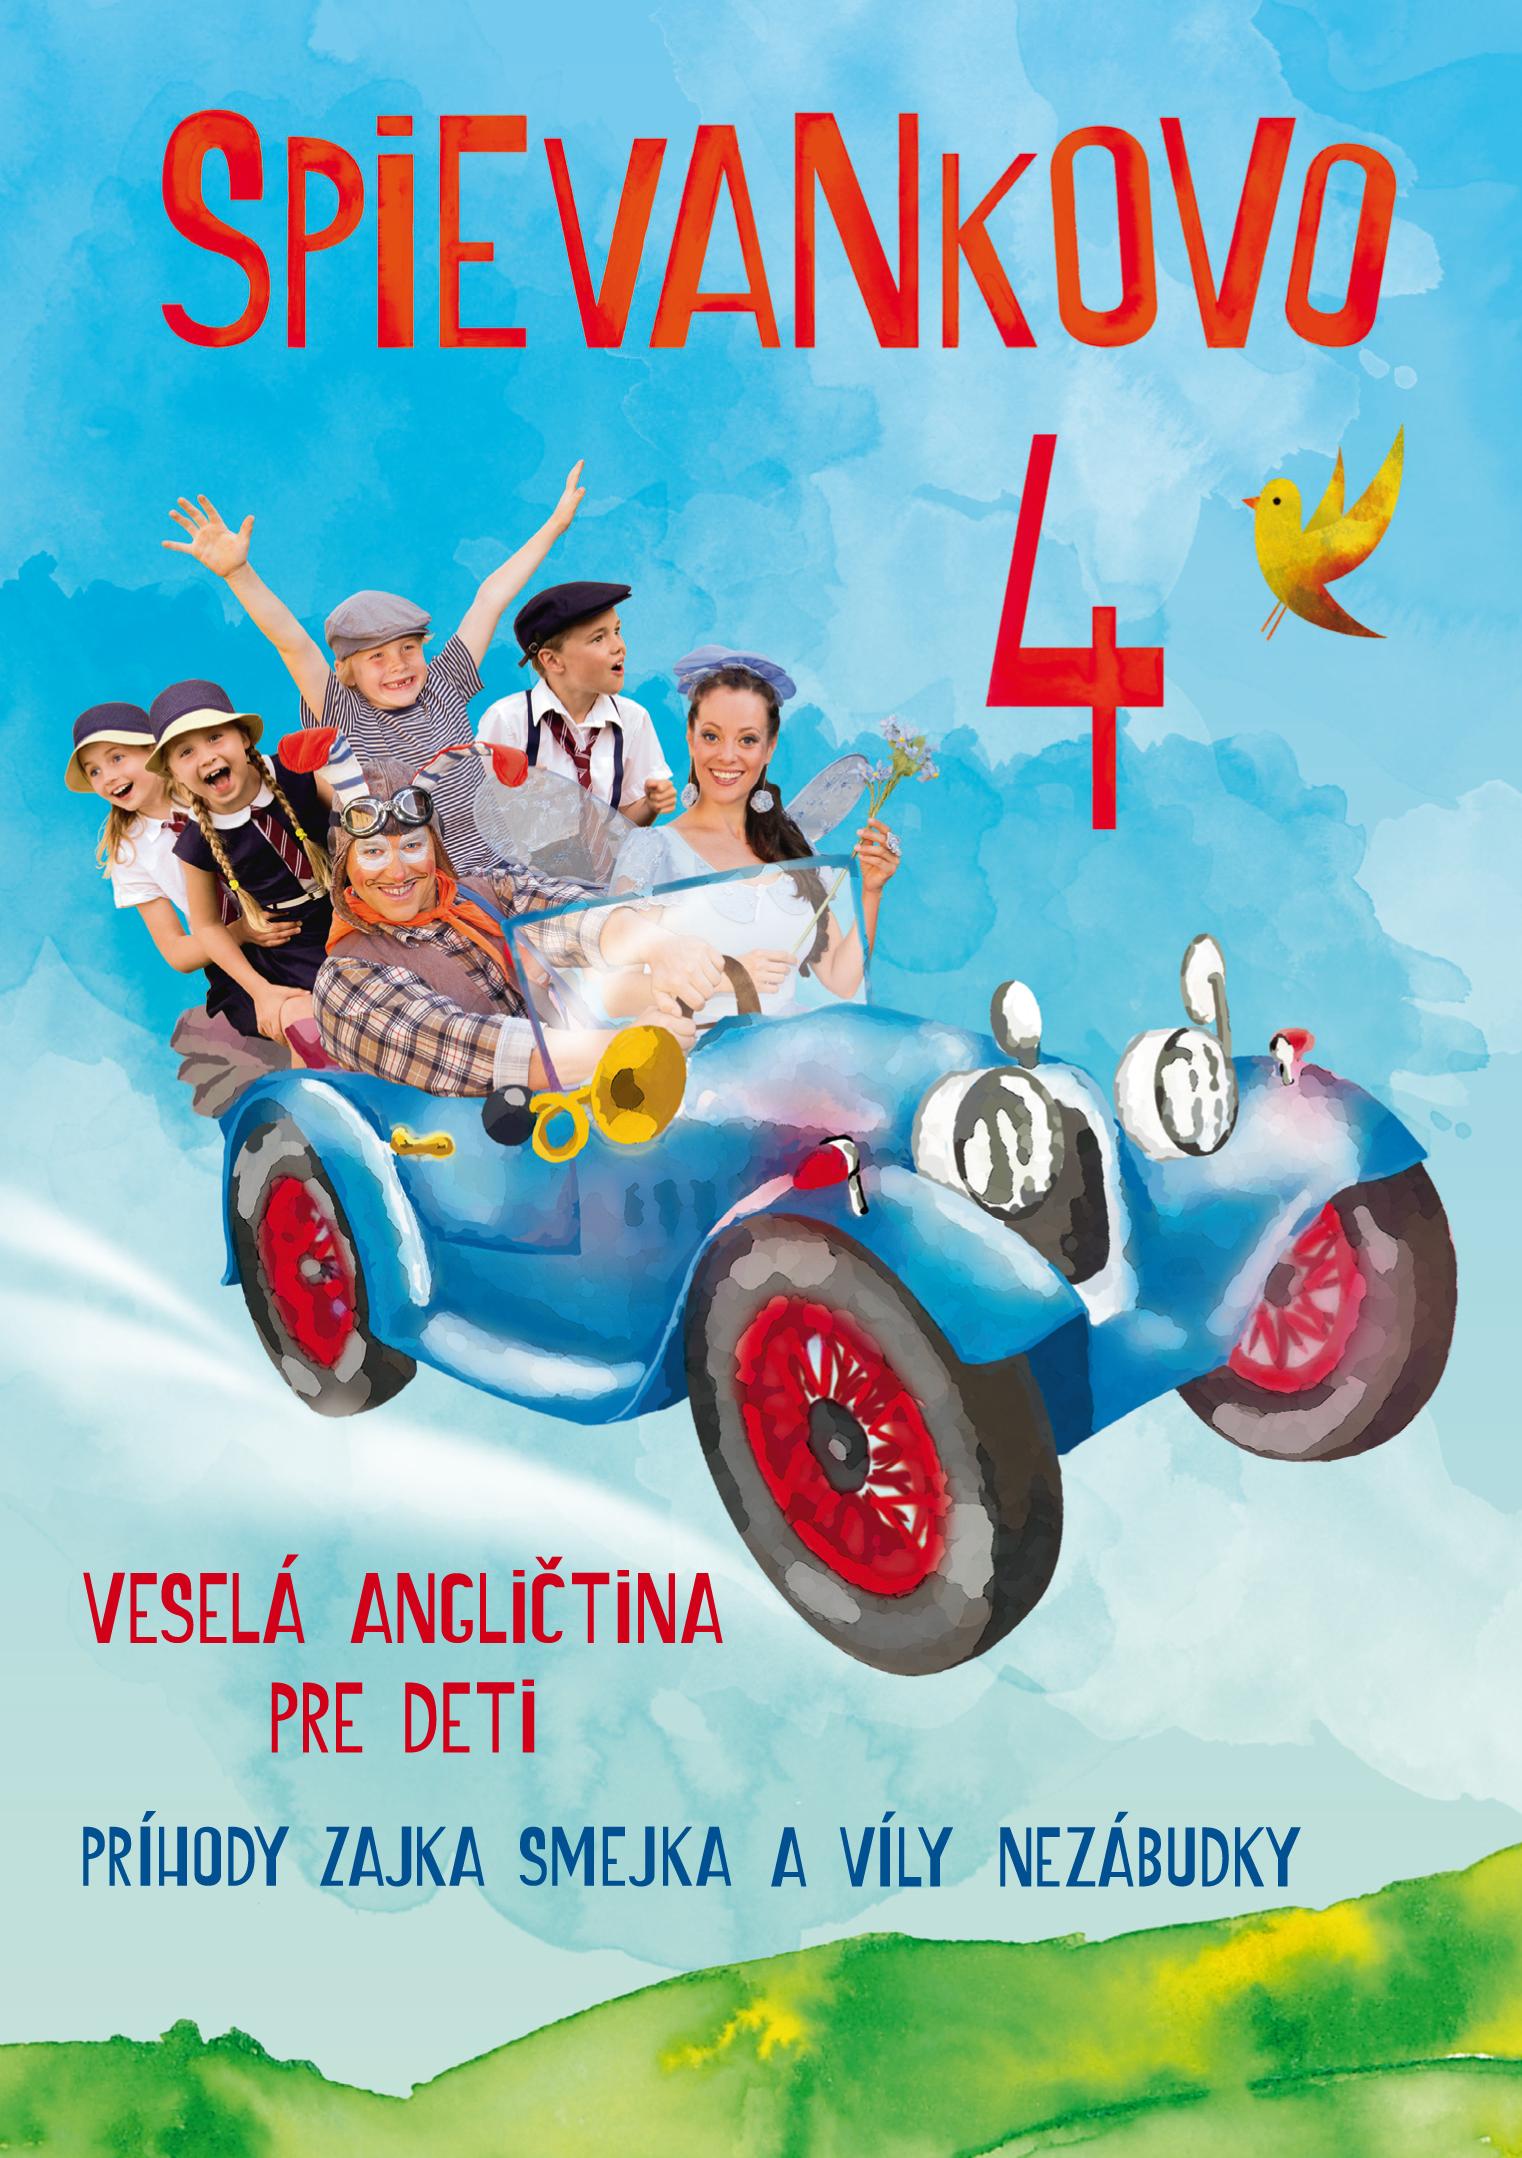 Mária Podhradská a Richard Čanaky - DVD SPIEVANKOVO 4 VESELA ANGL. PRE DETI